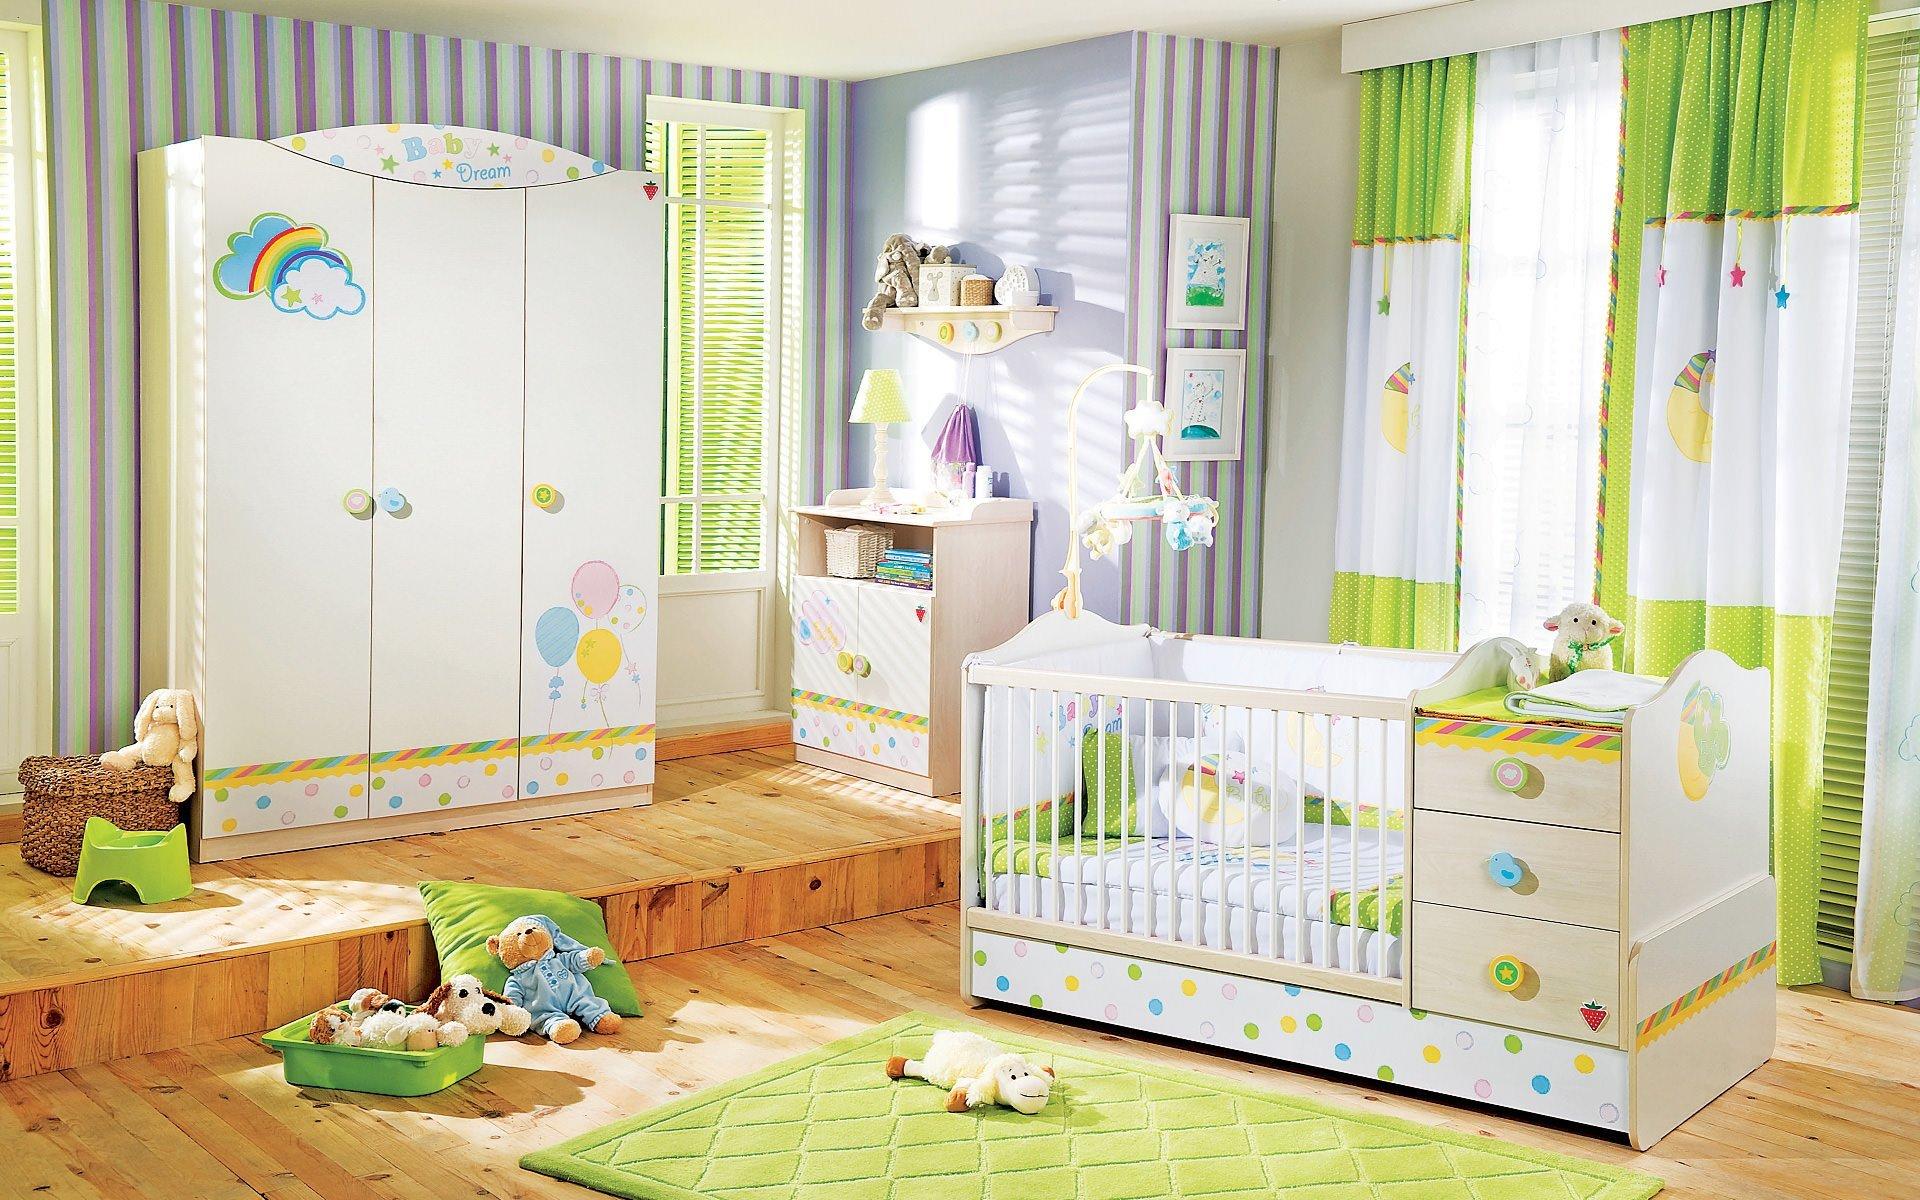 cilek-mobilya-Baby Dream-bebek-odasi Çilek mobilya 2015 bebek odası tasarımları